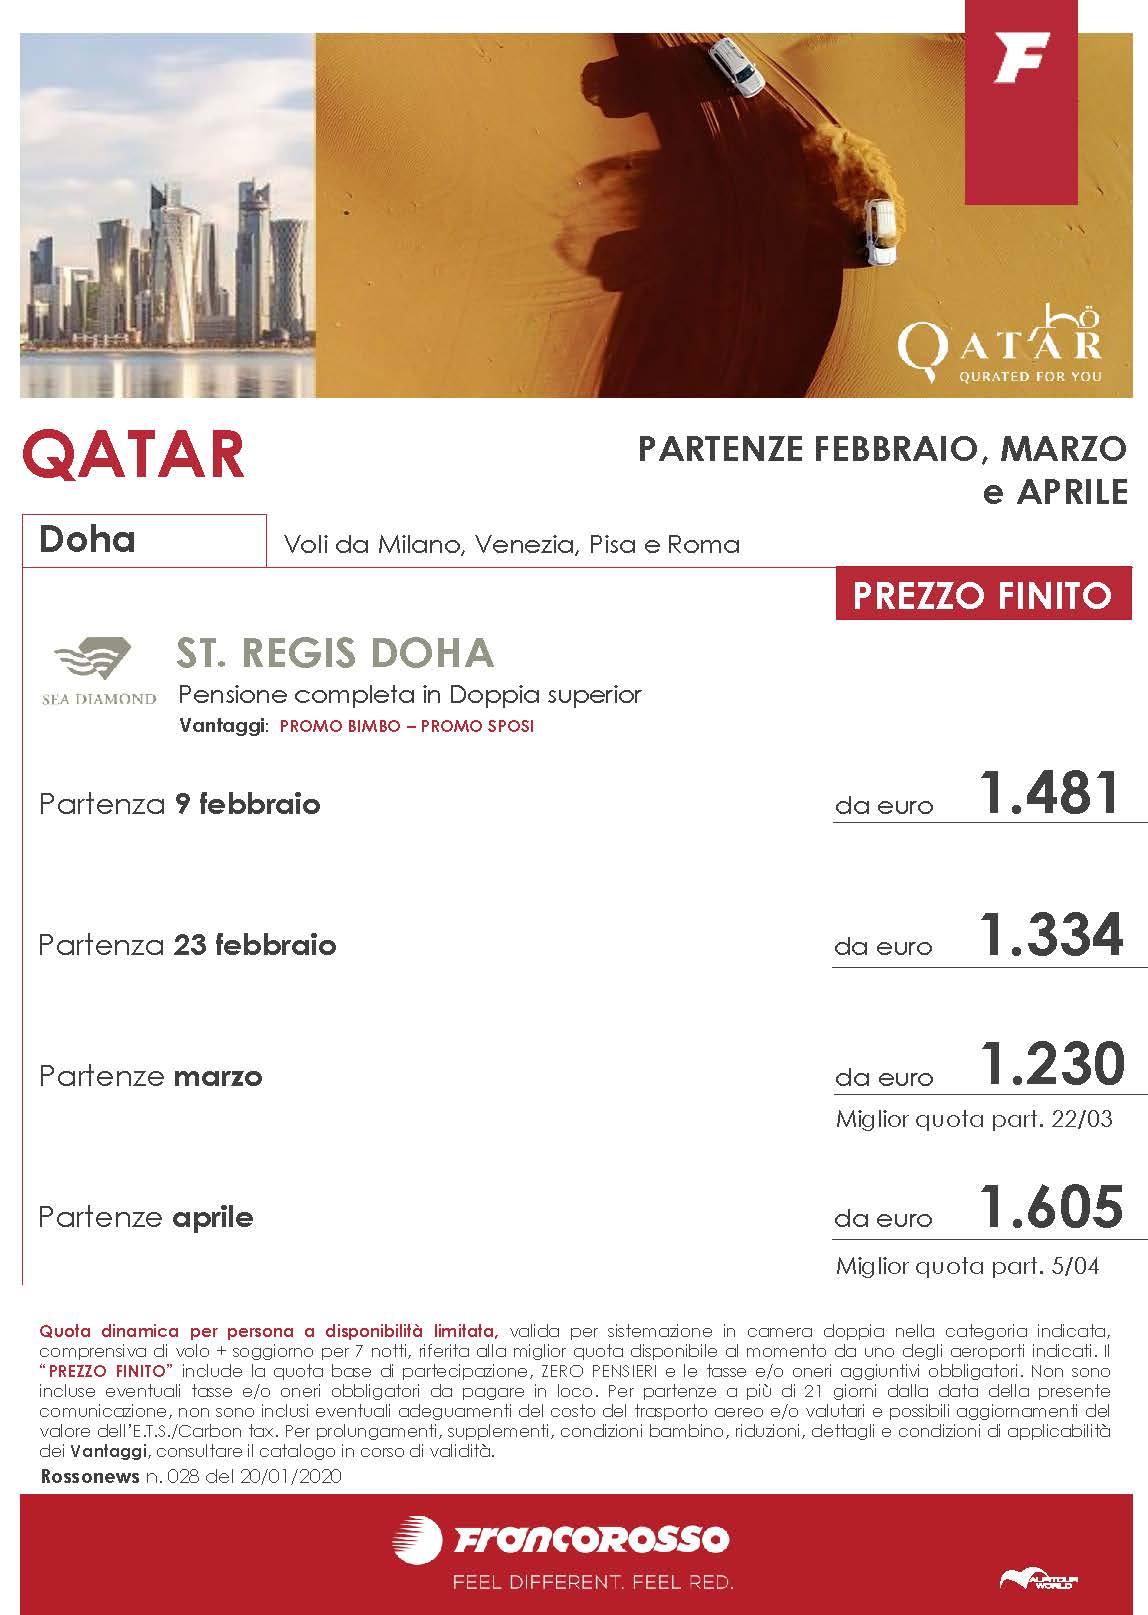 Qatar e Dubai_Pagina_2